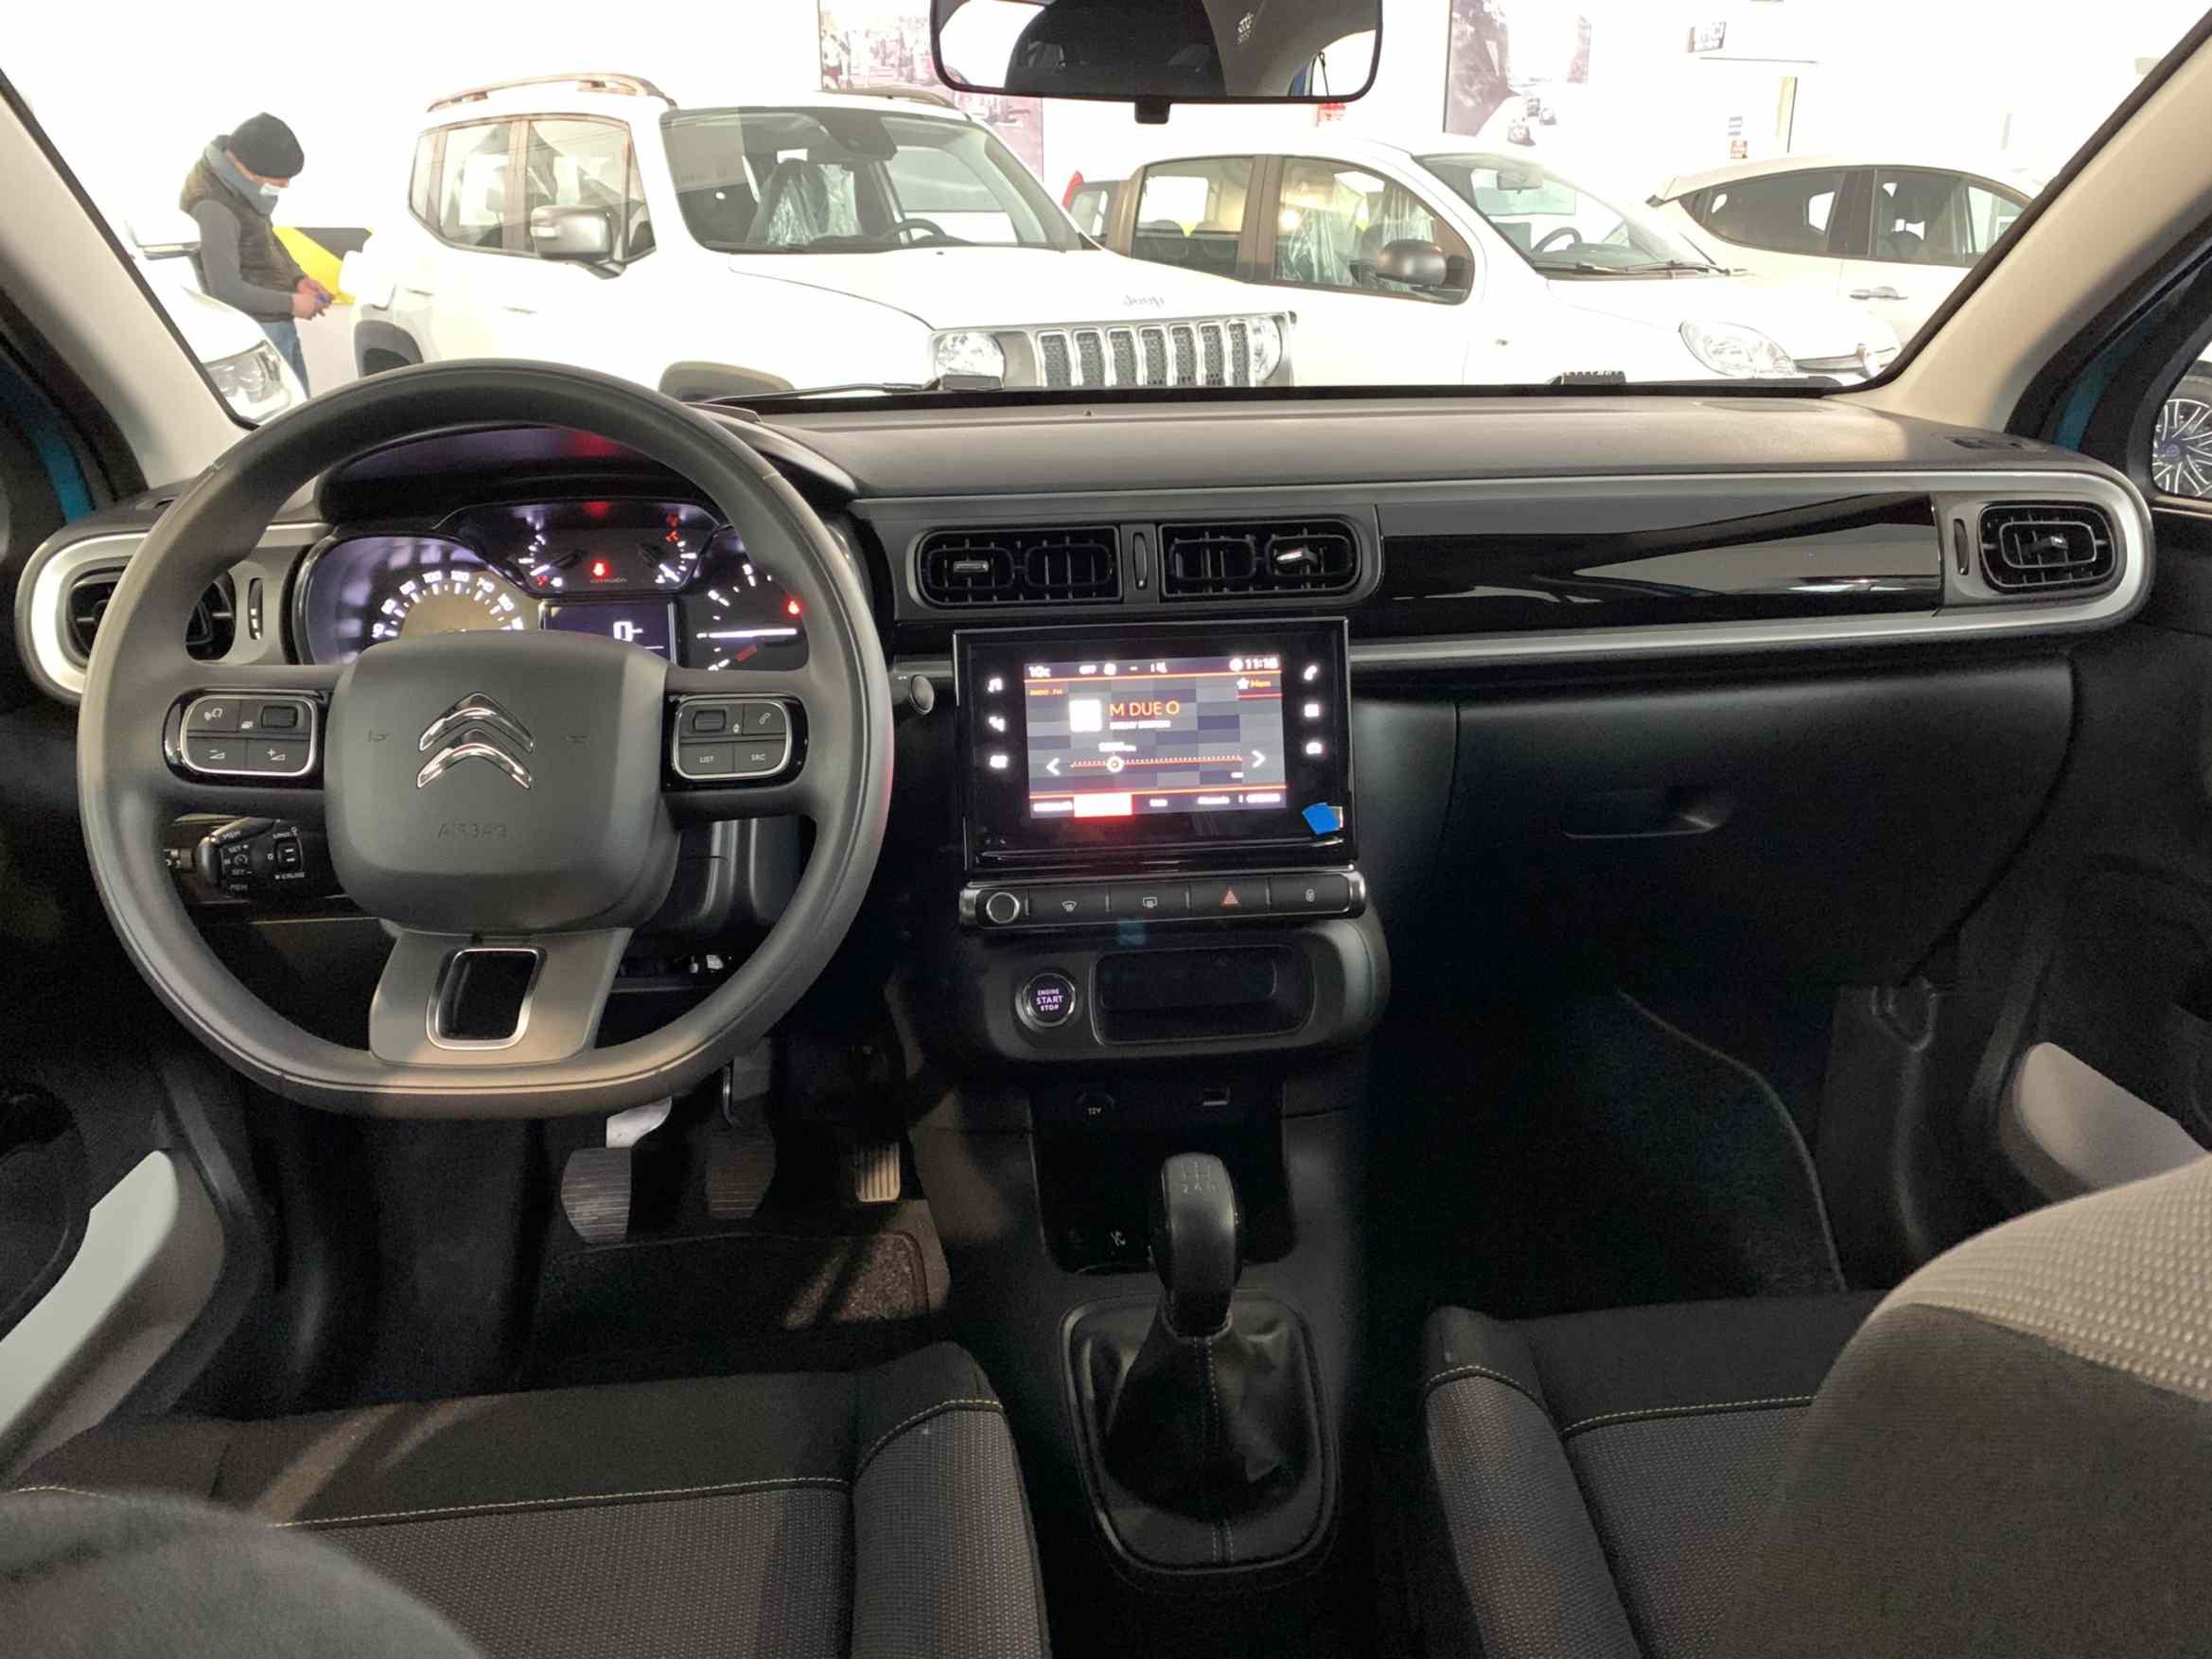 premium_vendita_auto_enna_sicilia_5